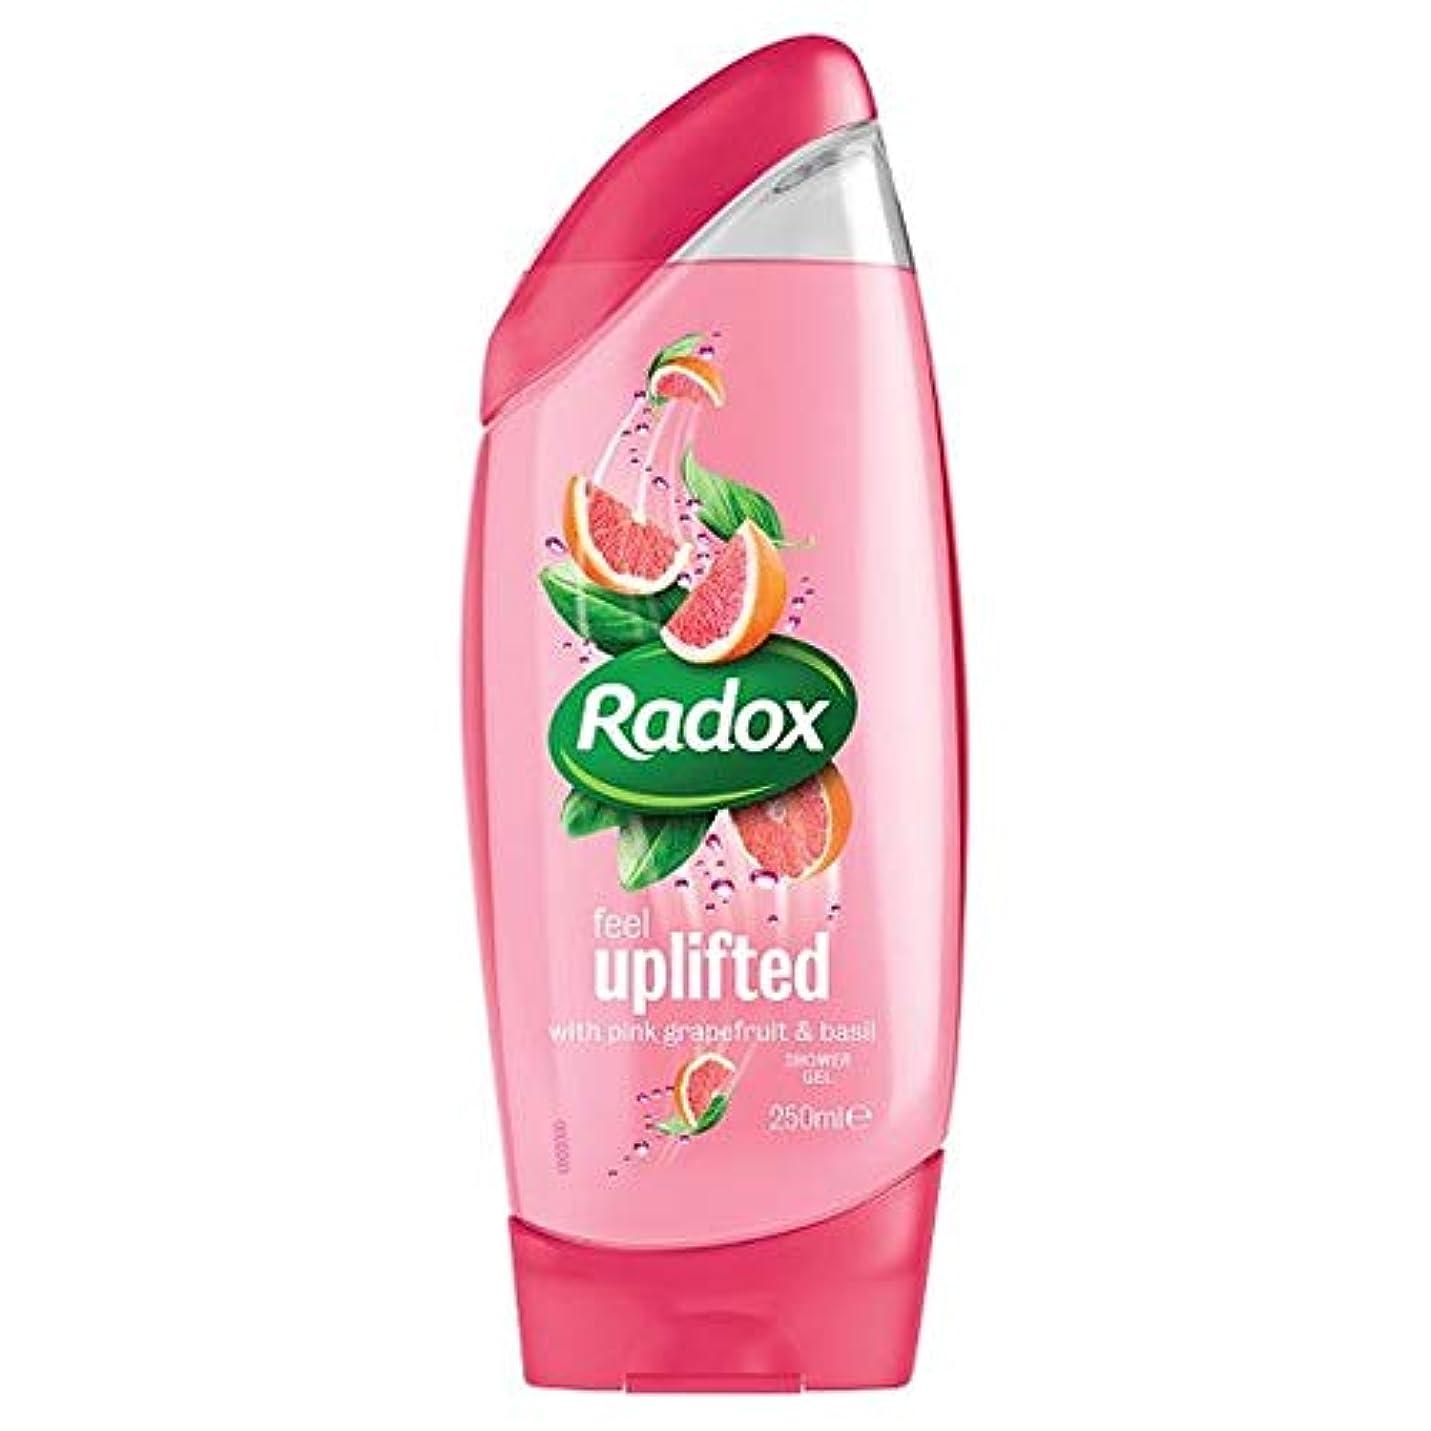 盆カレンダーケニア[Radox] Radox感隆起シャワージェル250ミリリットル - Radox Feel Uplifted Shower Gel 250Ml [並行輸入品]